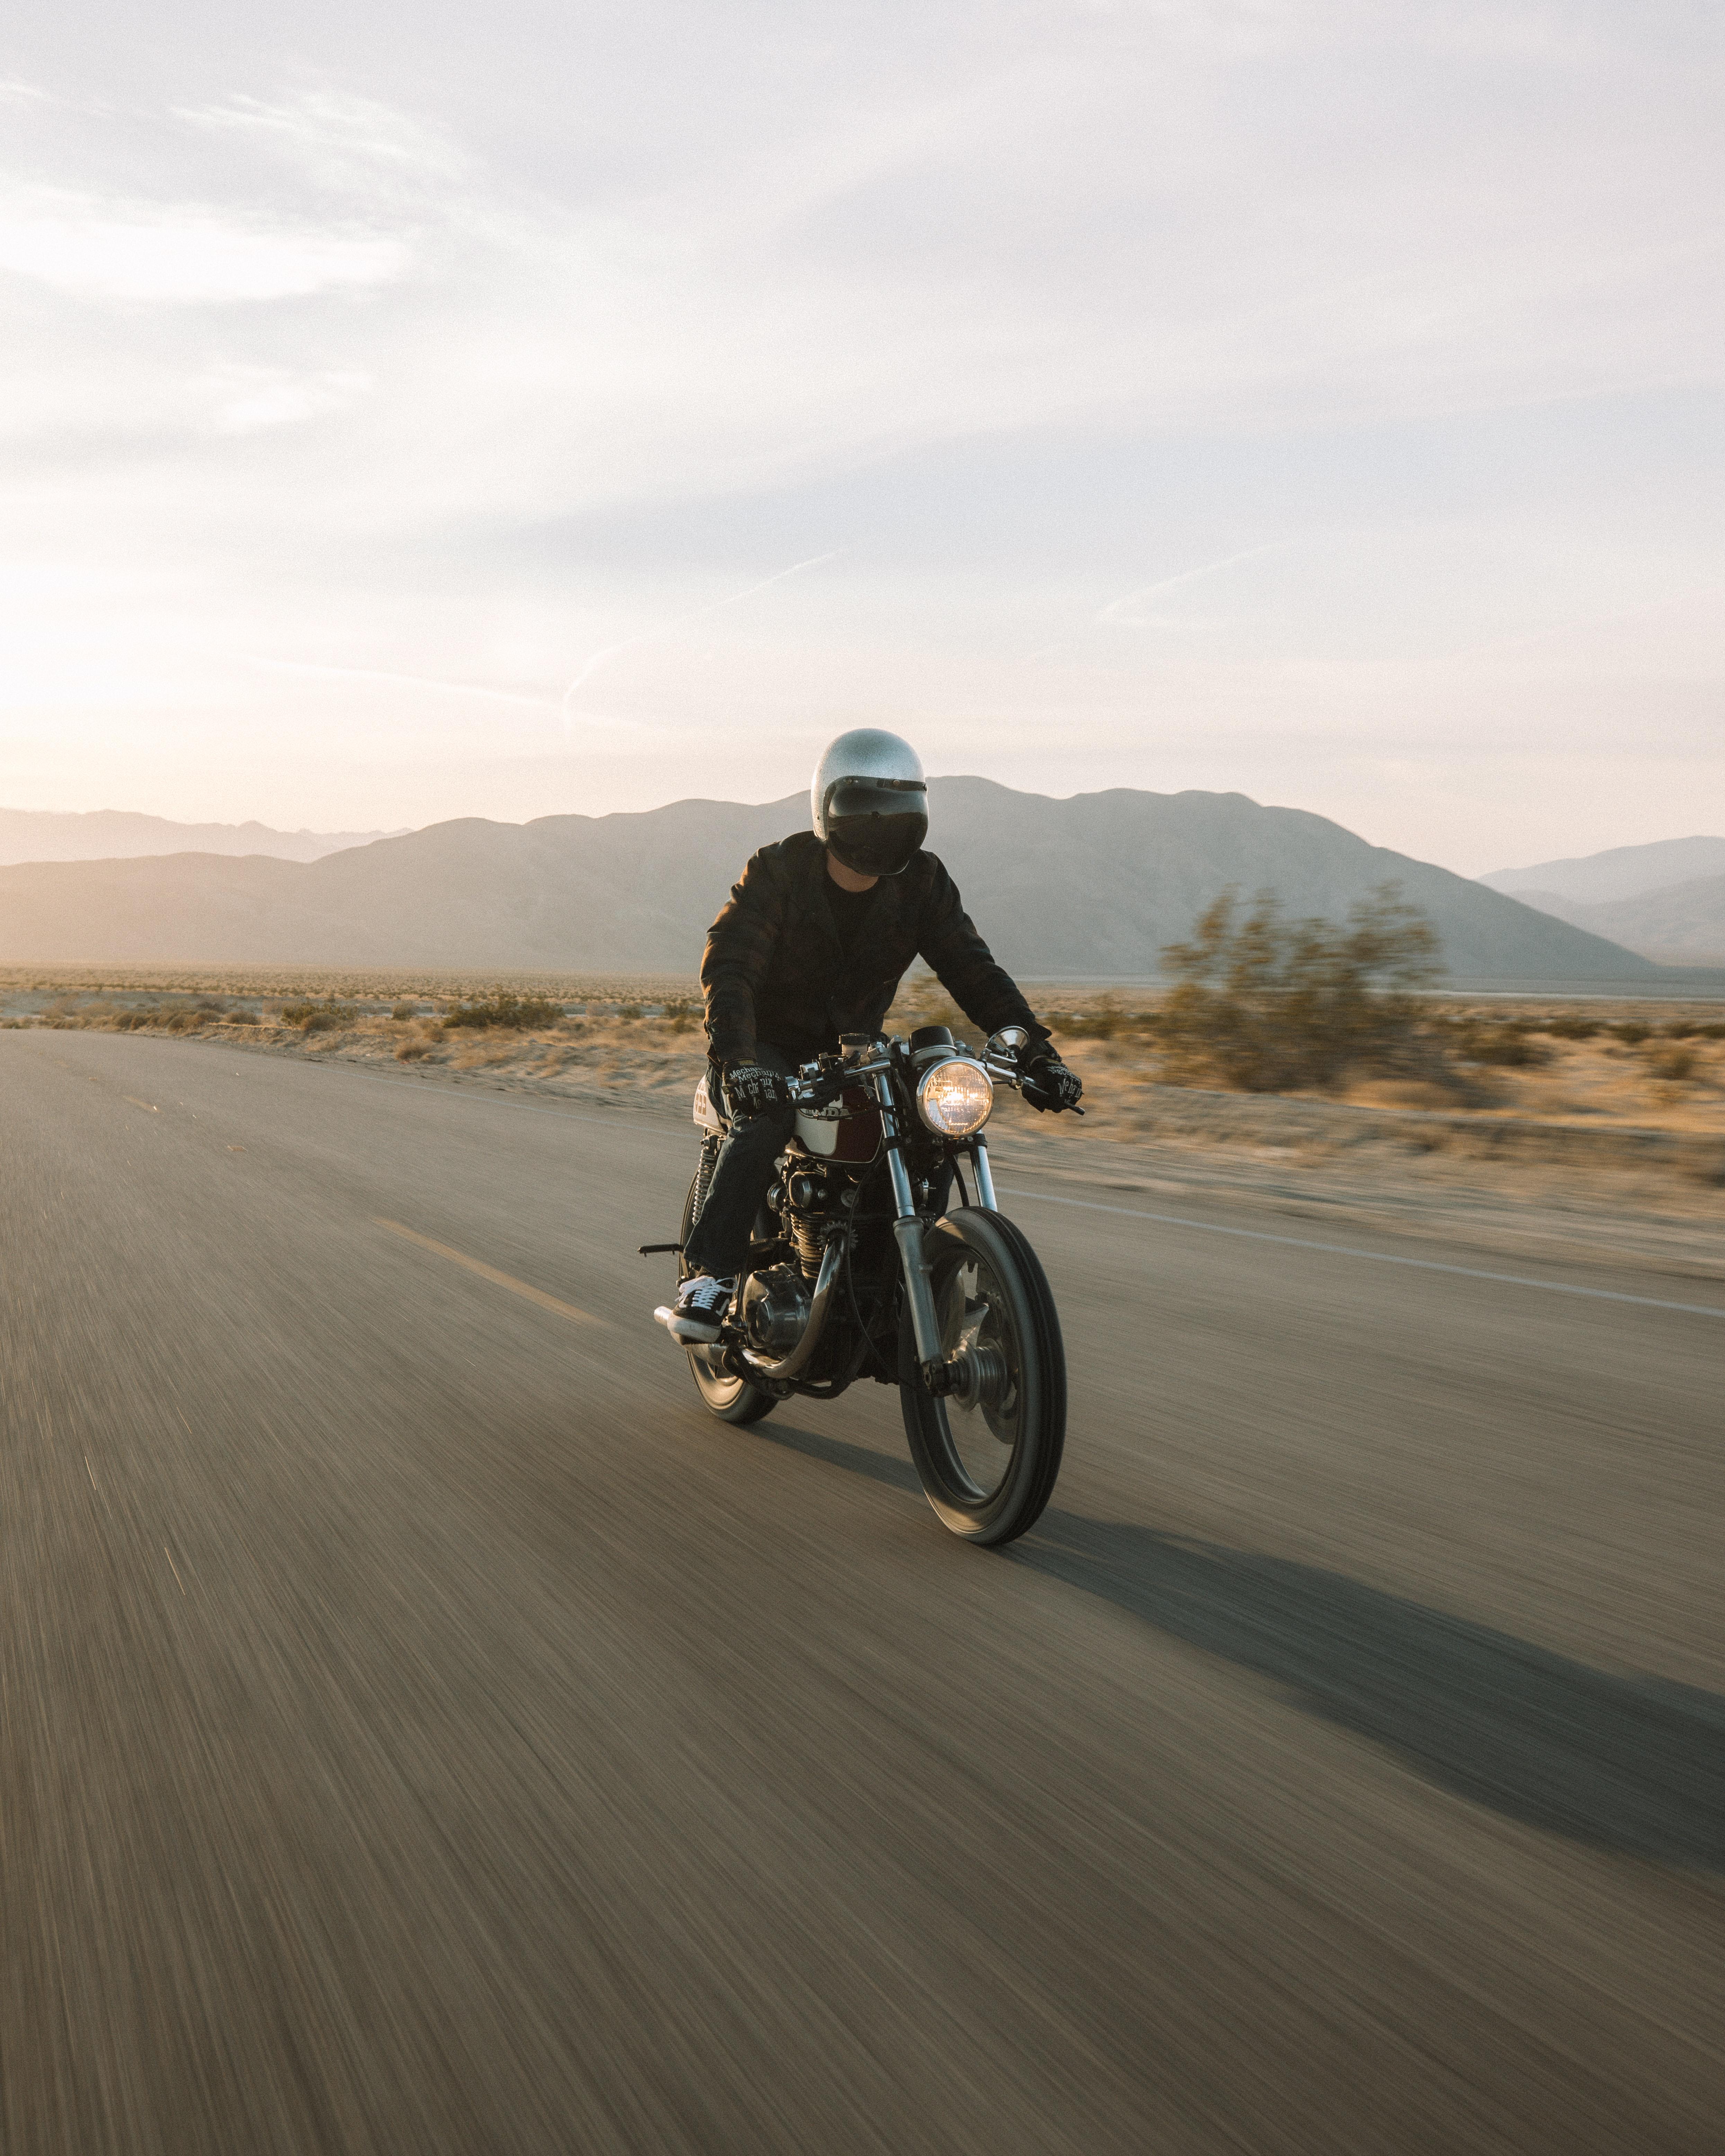 132878 fondo de pantalla 1920x1080 en tu teléfono gratis, descarga imágenes Motocicletas, Motocicleta, Bicicleta, El Negro, Motociclista, Velocidad, Camino 1920x1080 en tu móvil